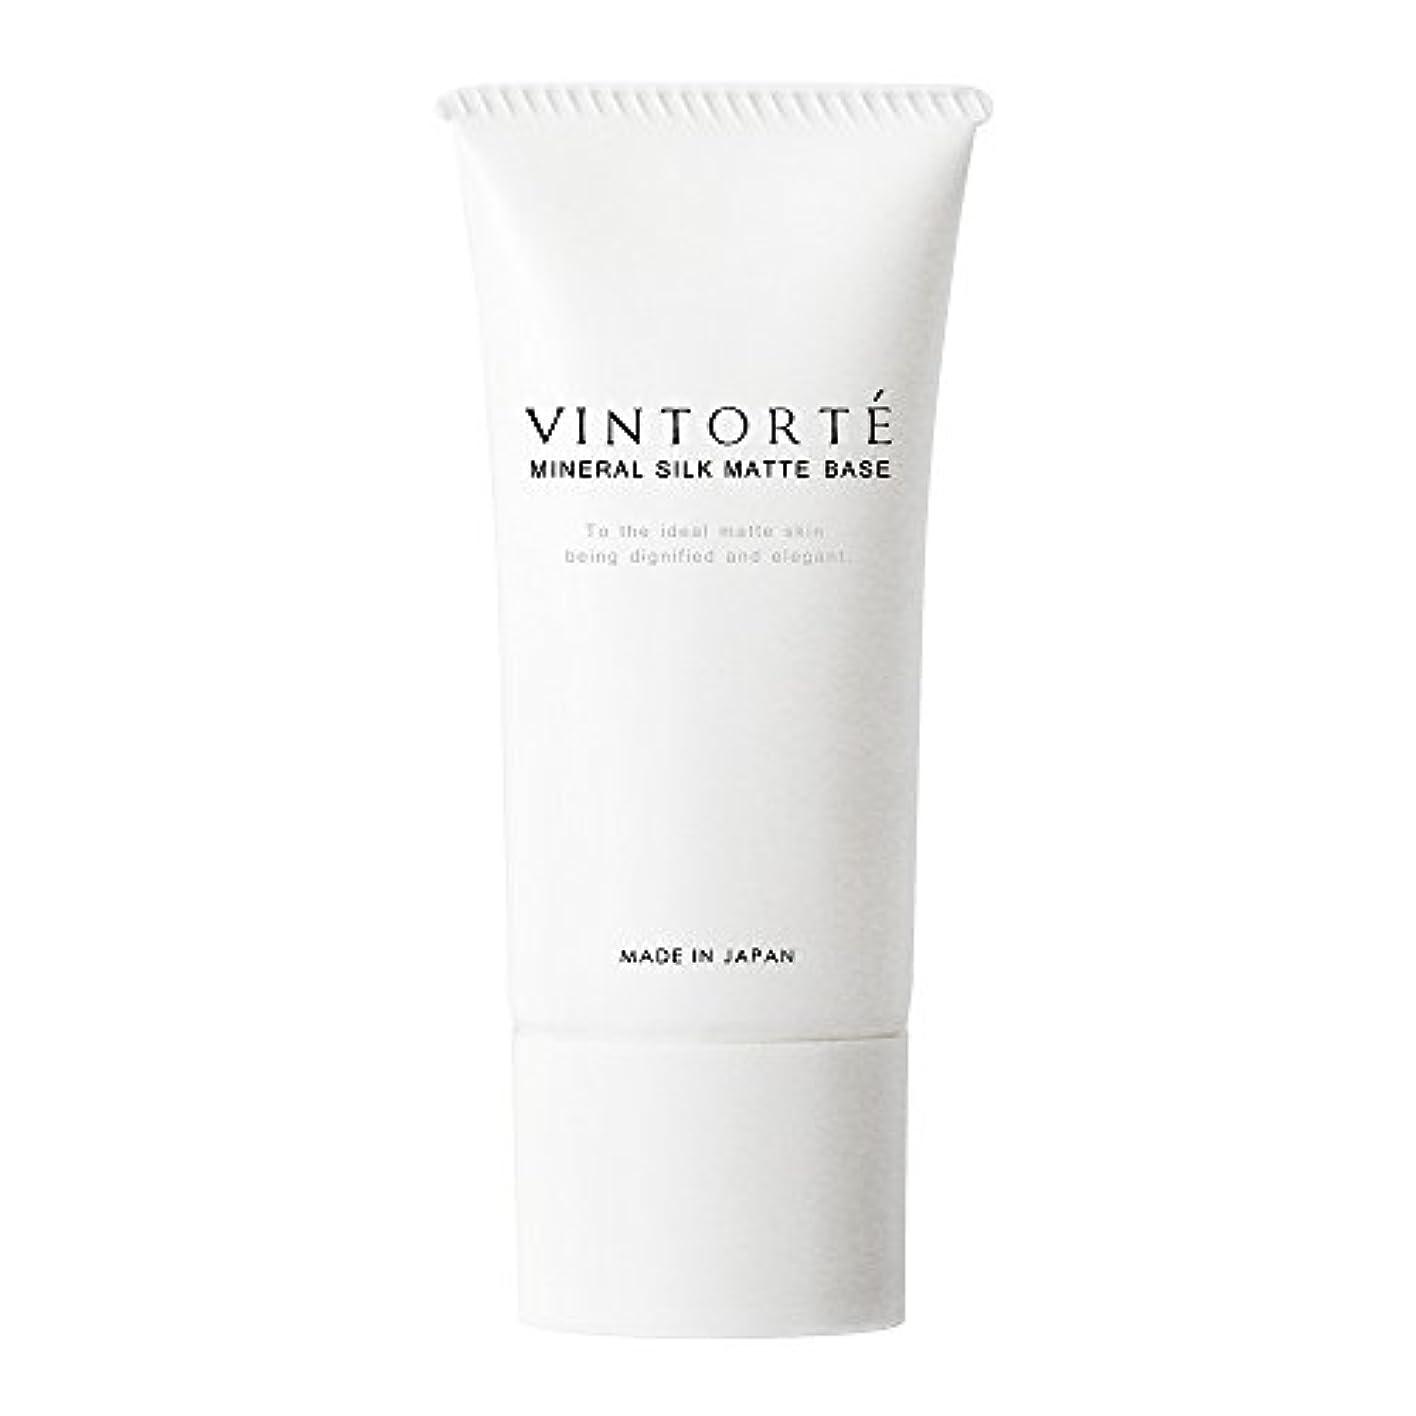 状況後方接続VINTORTE ミネラル シルク マットベース ヴァントルテ 化粧下地 クリーム ベースメイク v-msmb